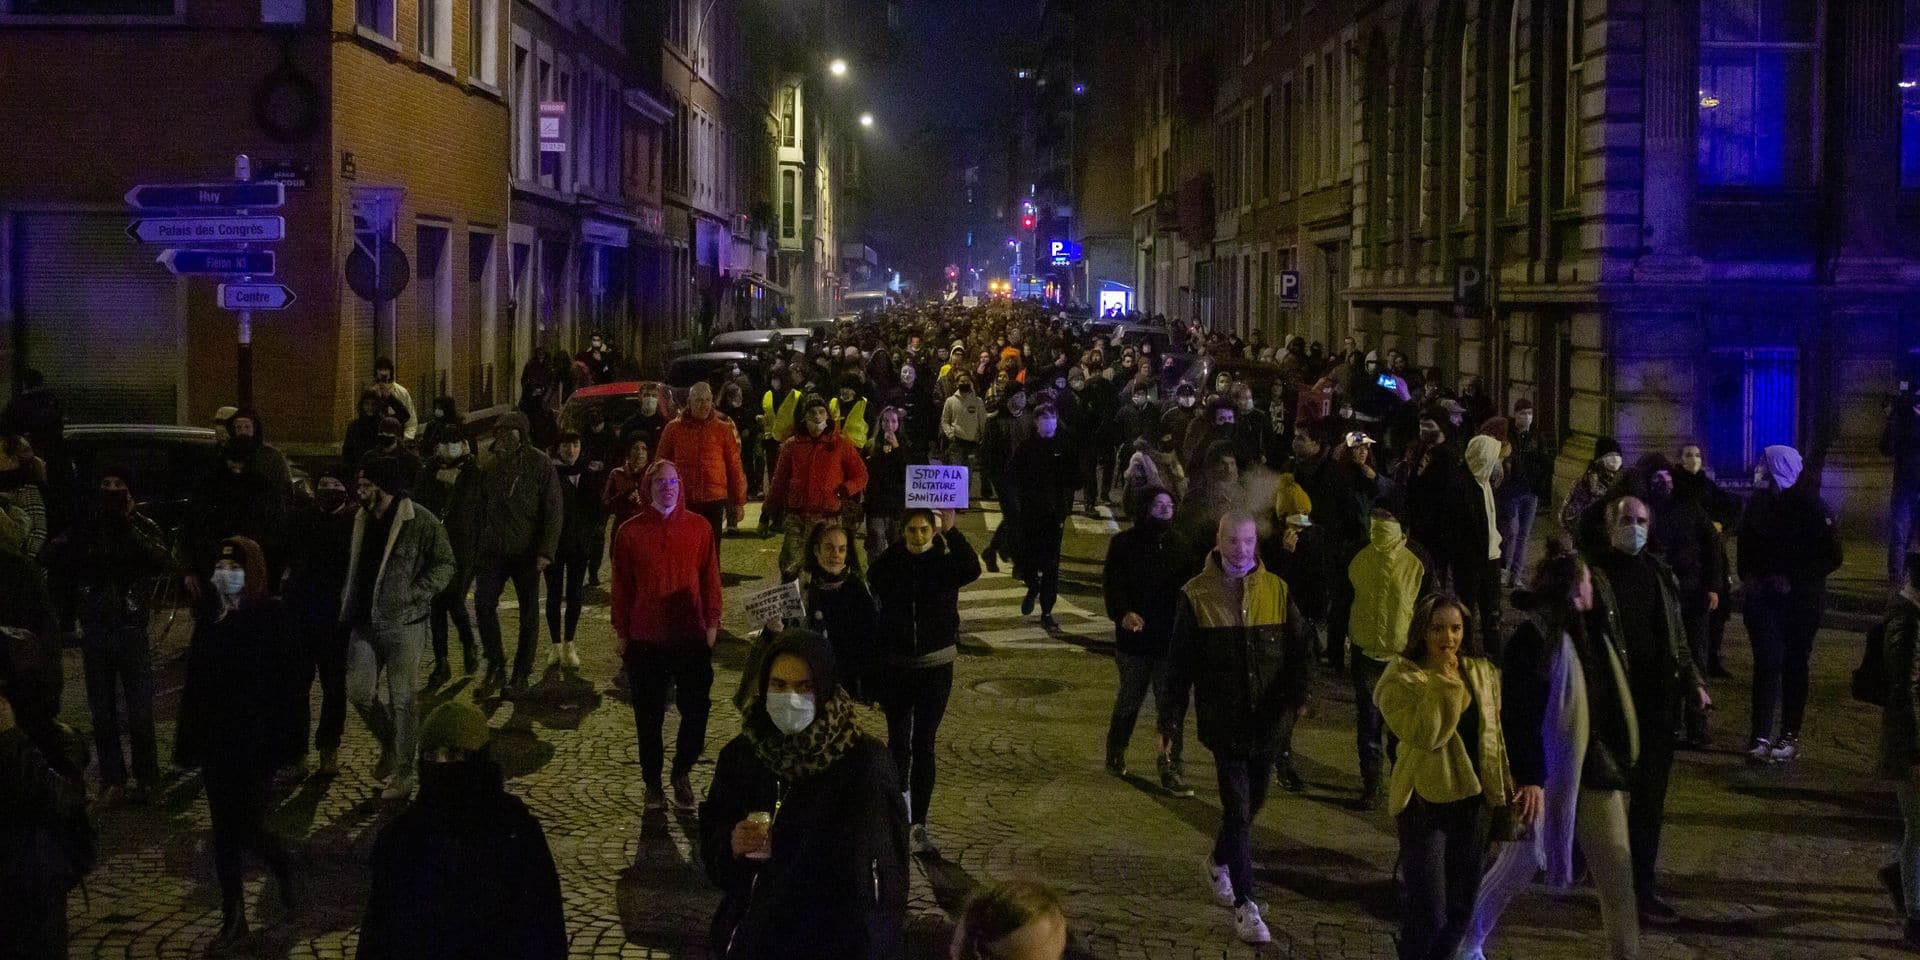 Le couvre-feu prolongé - ou pas- en Wallonie? La décision sera prise ce vendredi... après le Comité de concertation